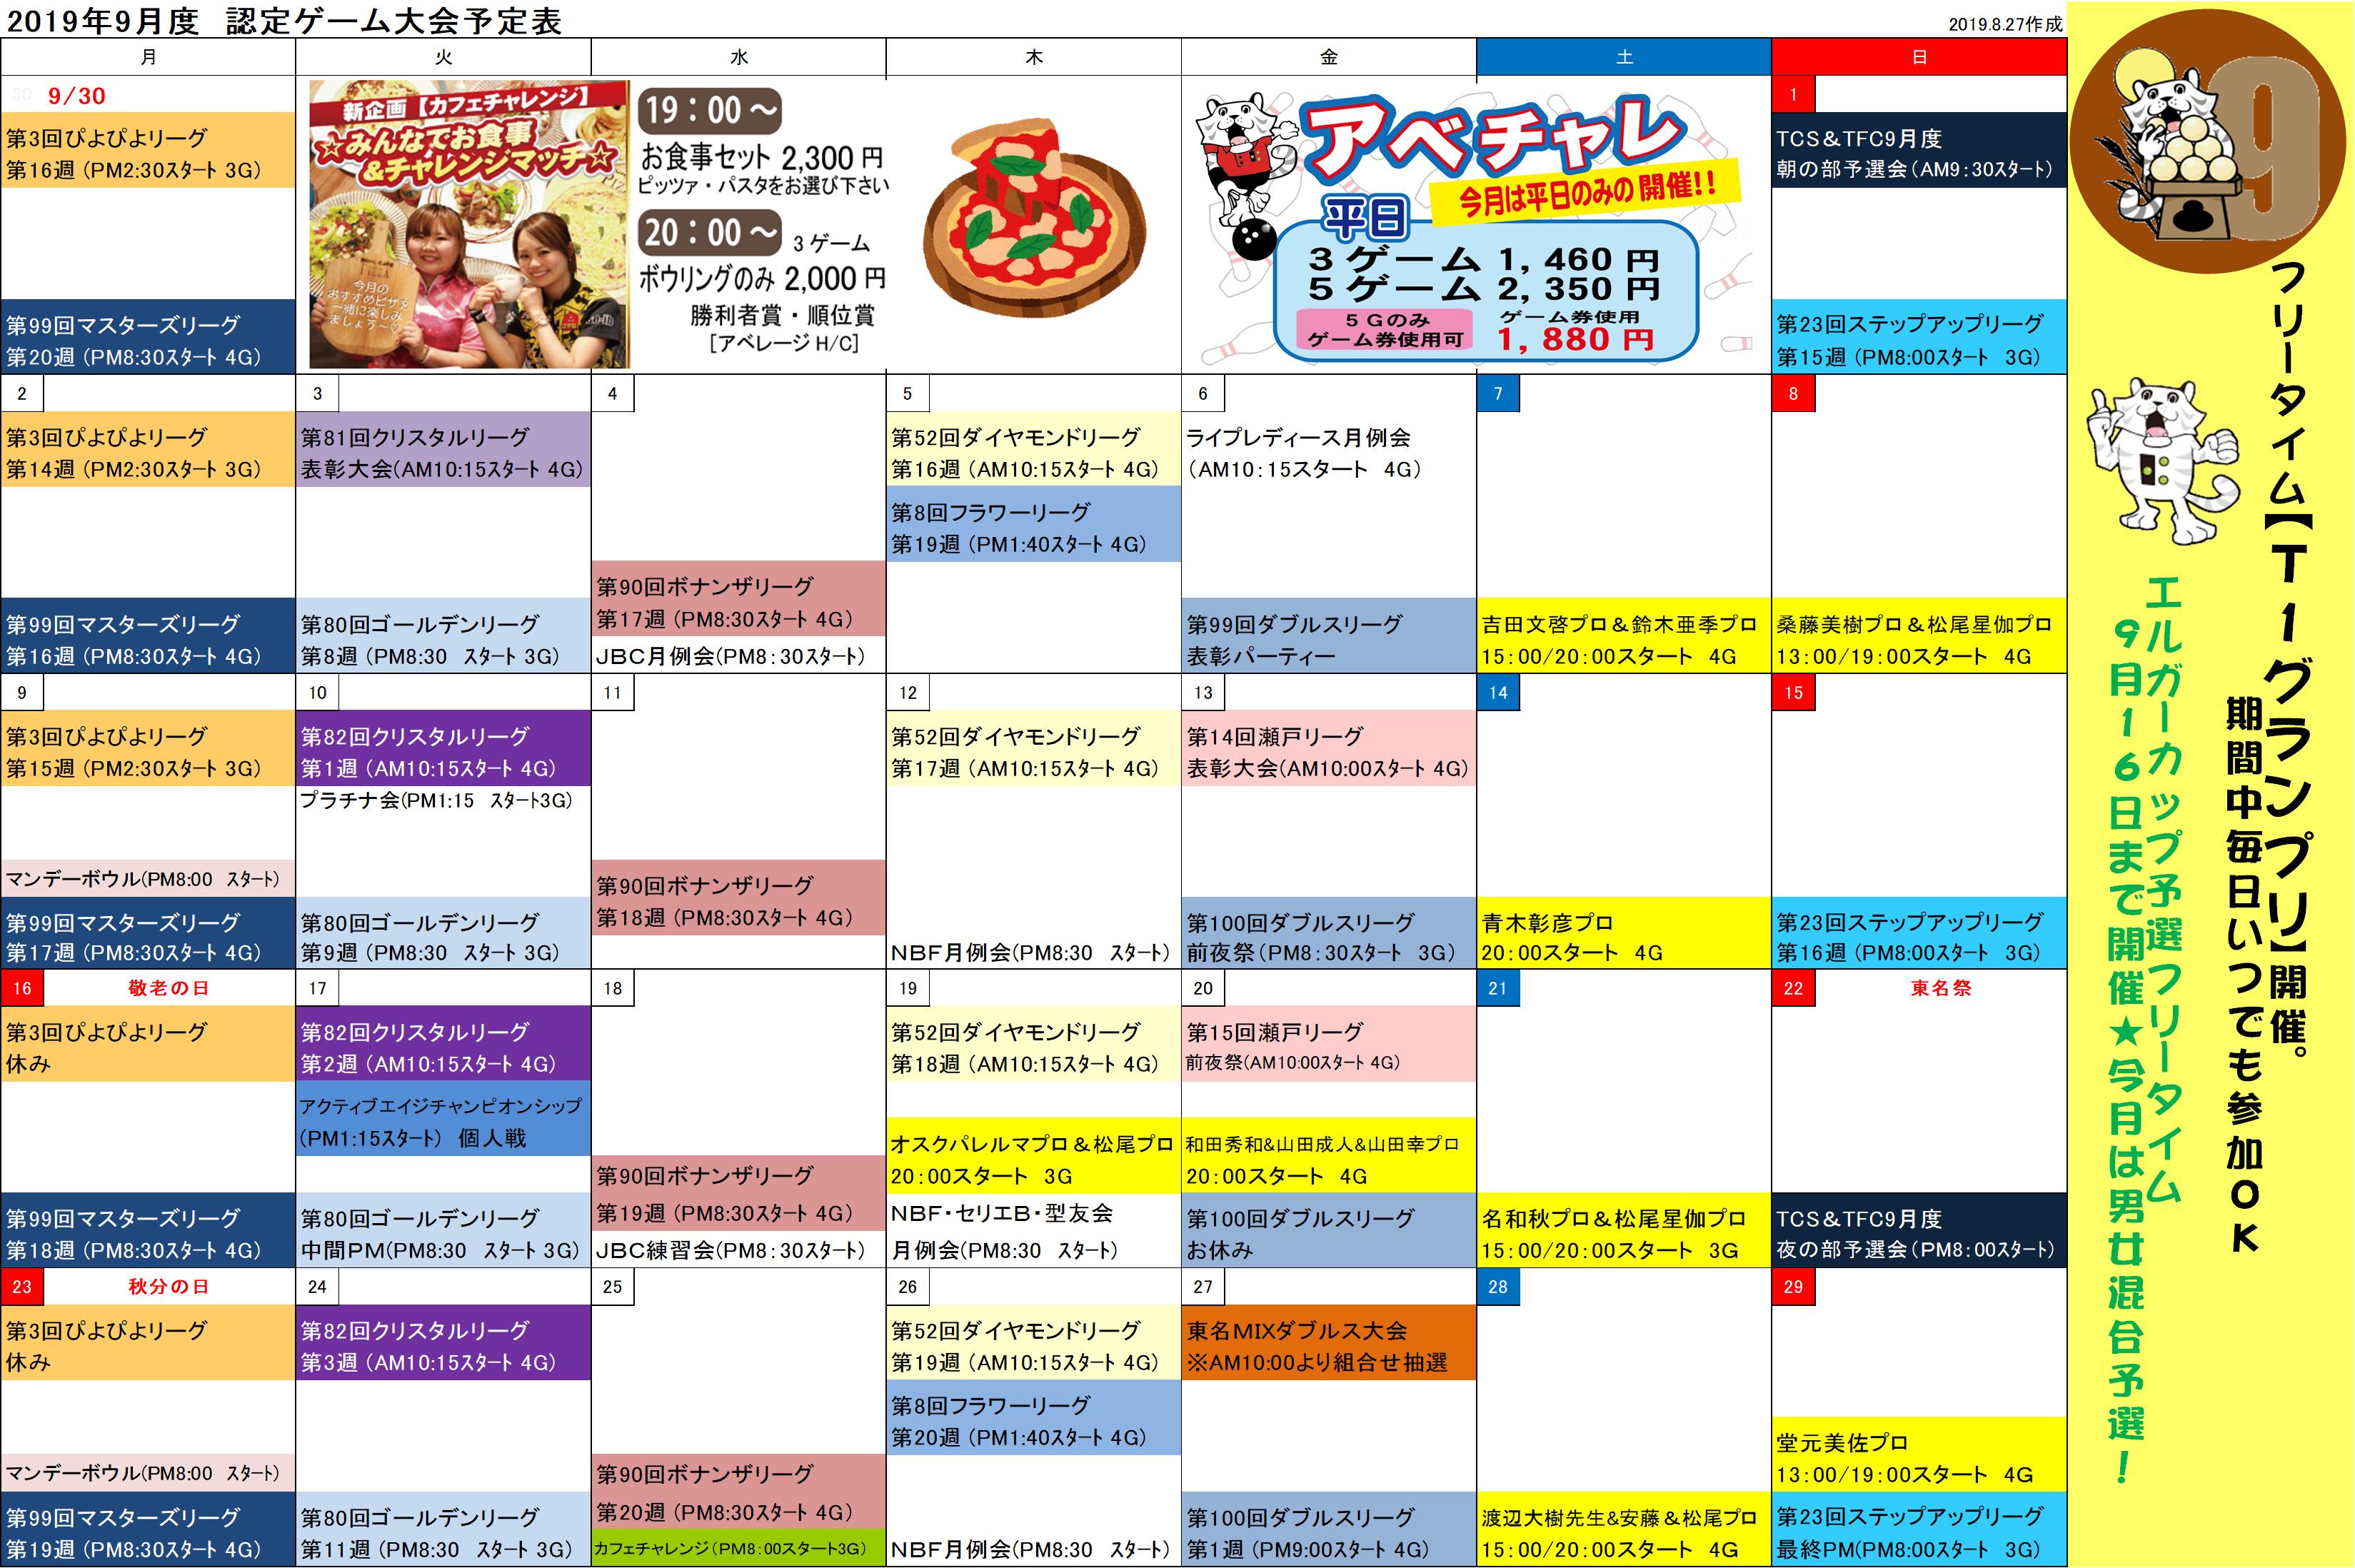 ★会員様向け★9月認定ゲーム大会予定表